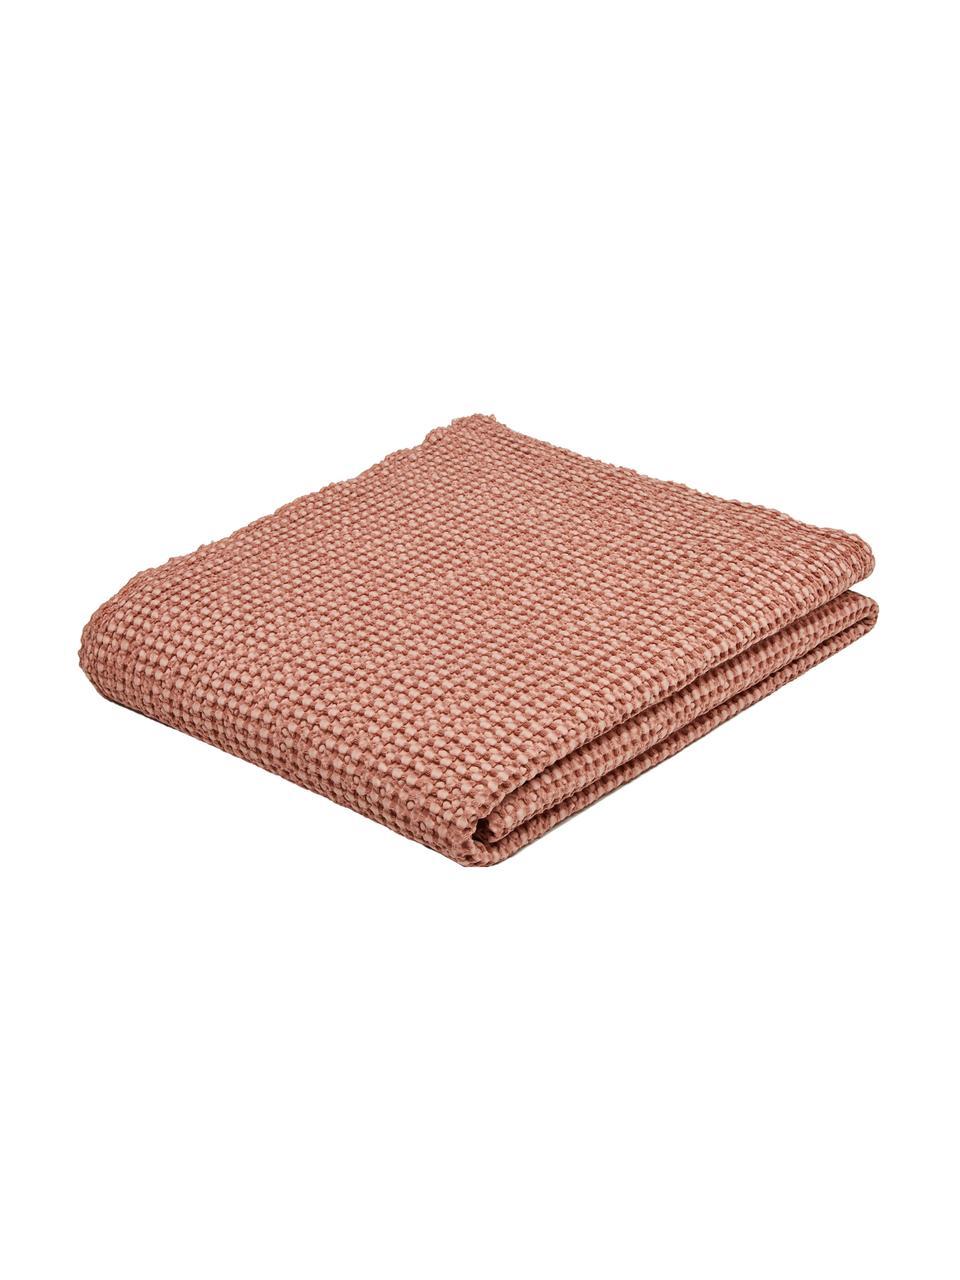 Couvre-lit coton rose à surface texturée Vigo, Rose clair